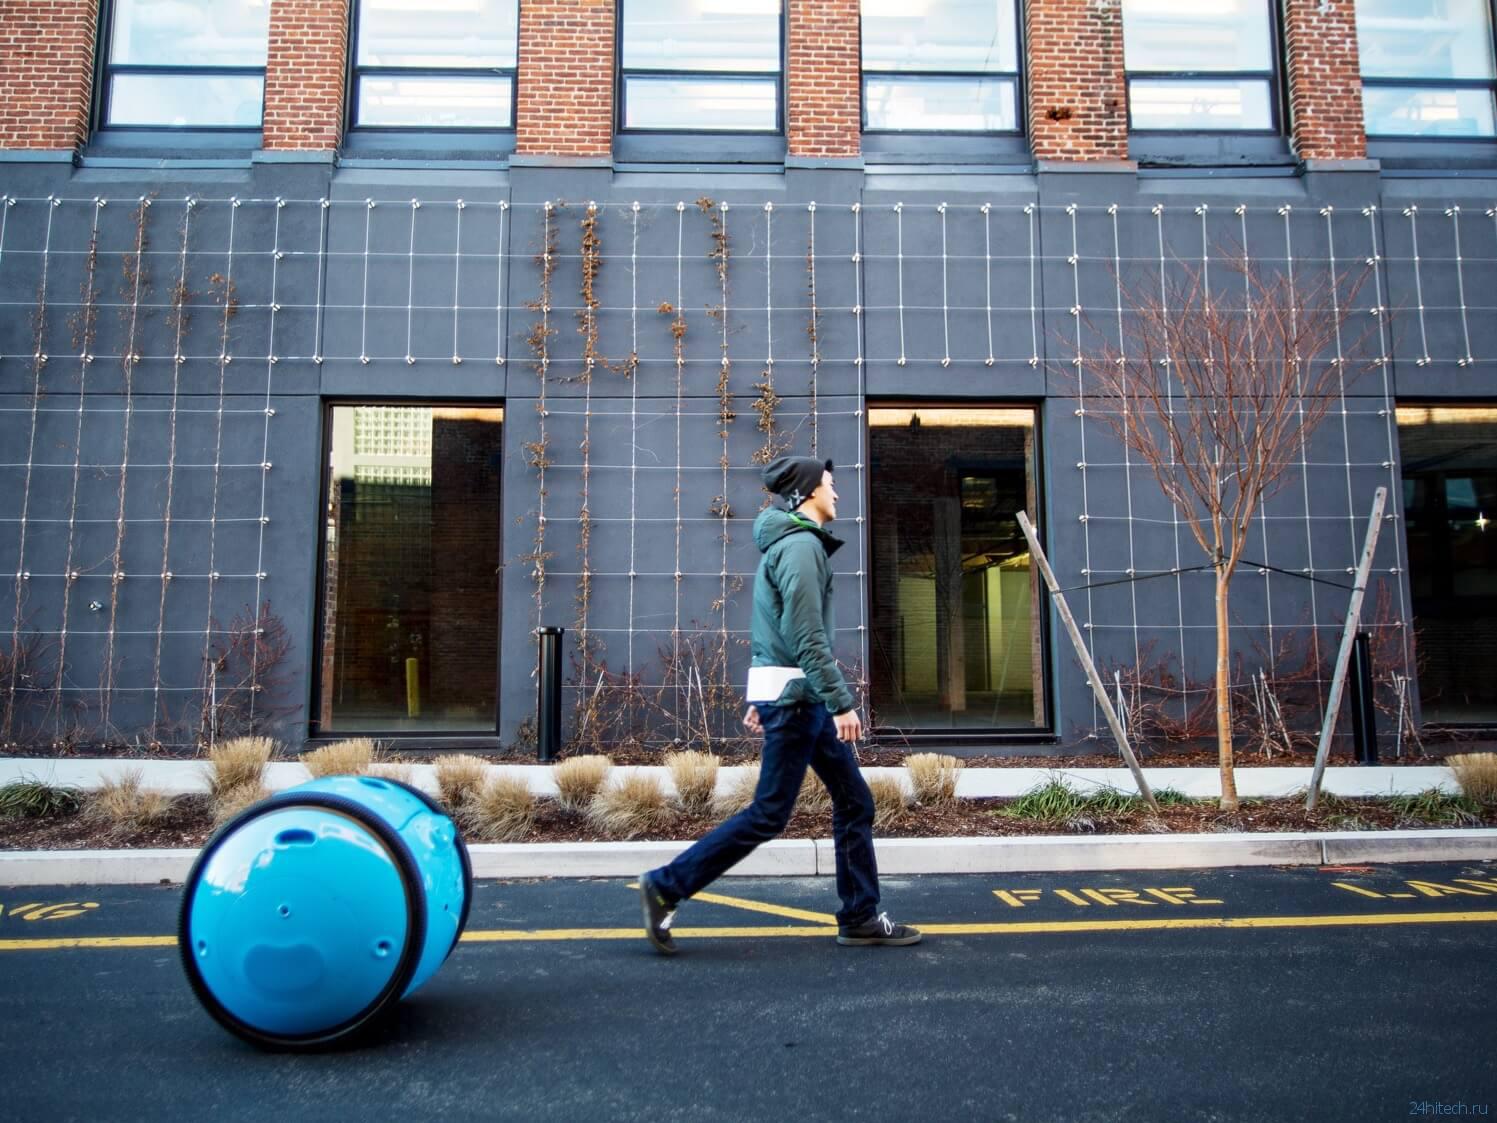 Производитель мотороллеров Vespa показал робот-чемодан